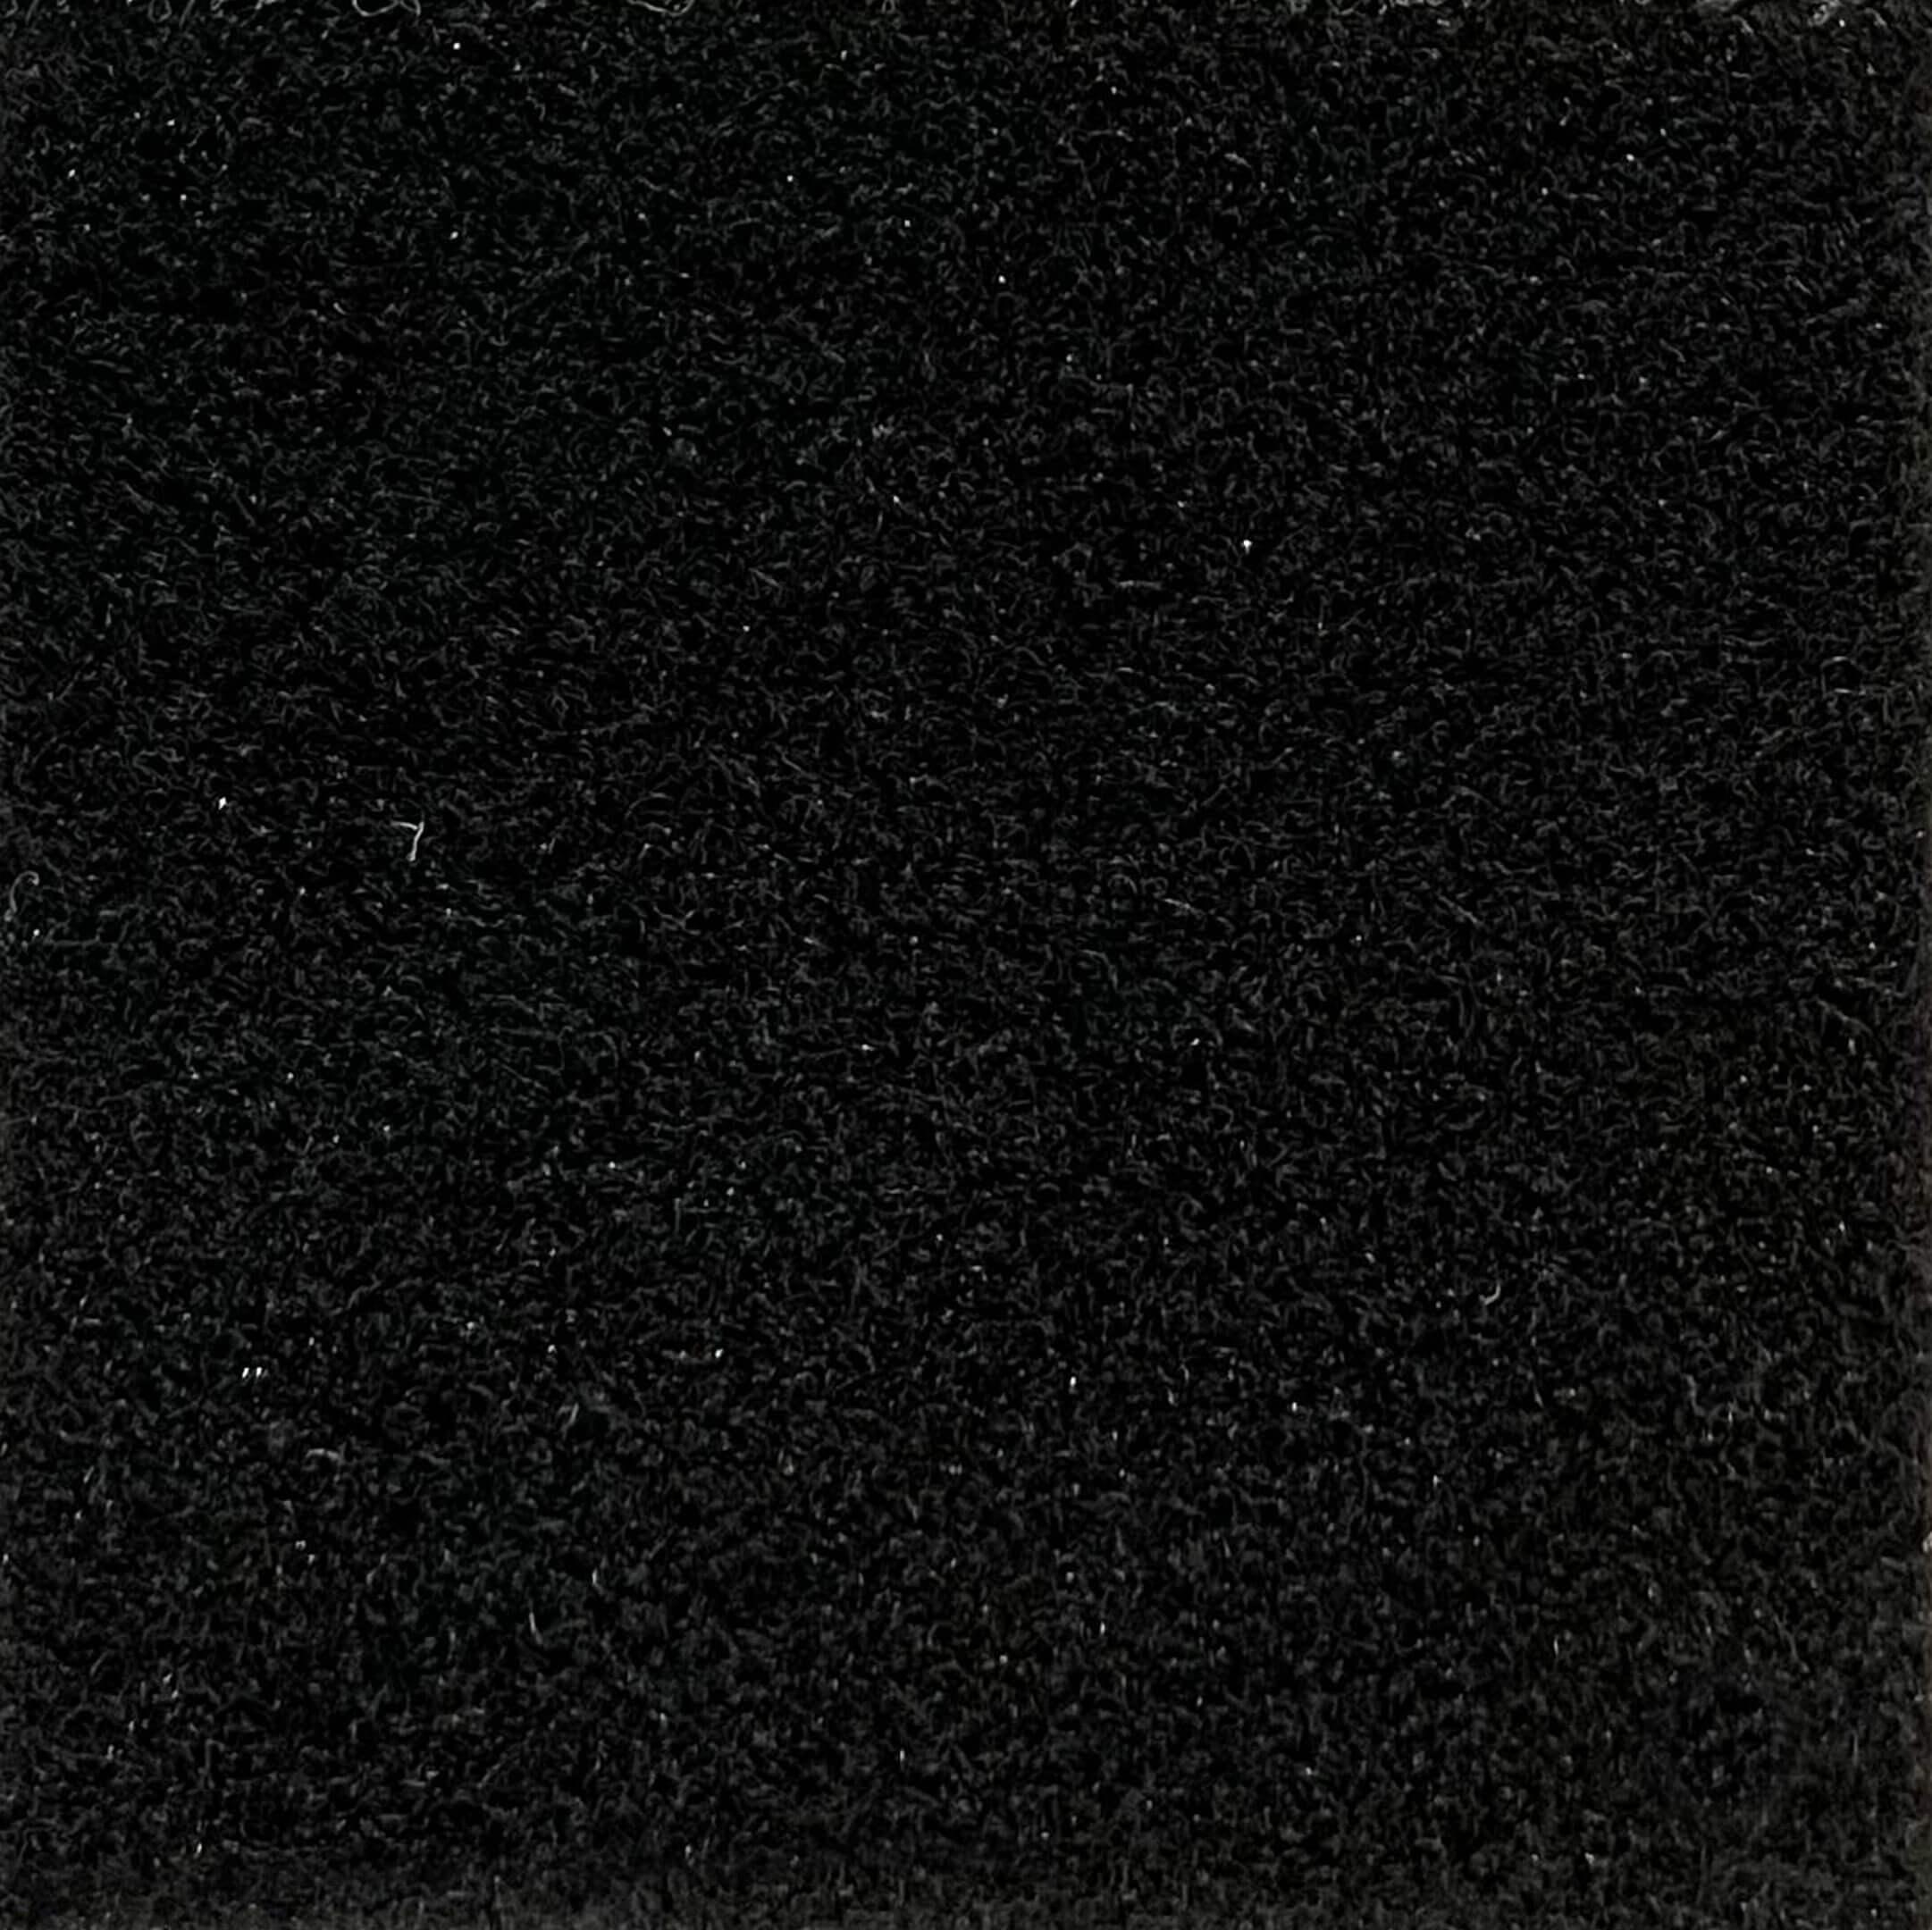 WALLS AND CEILING_BLACK FELT